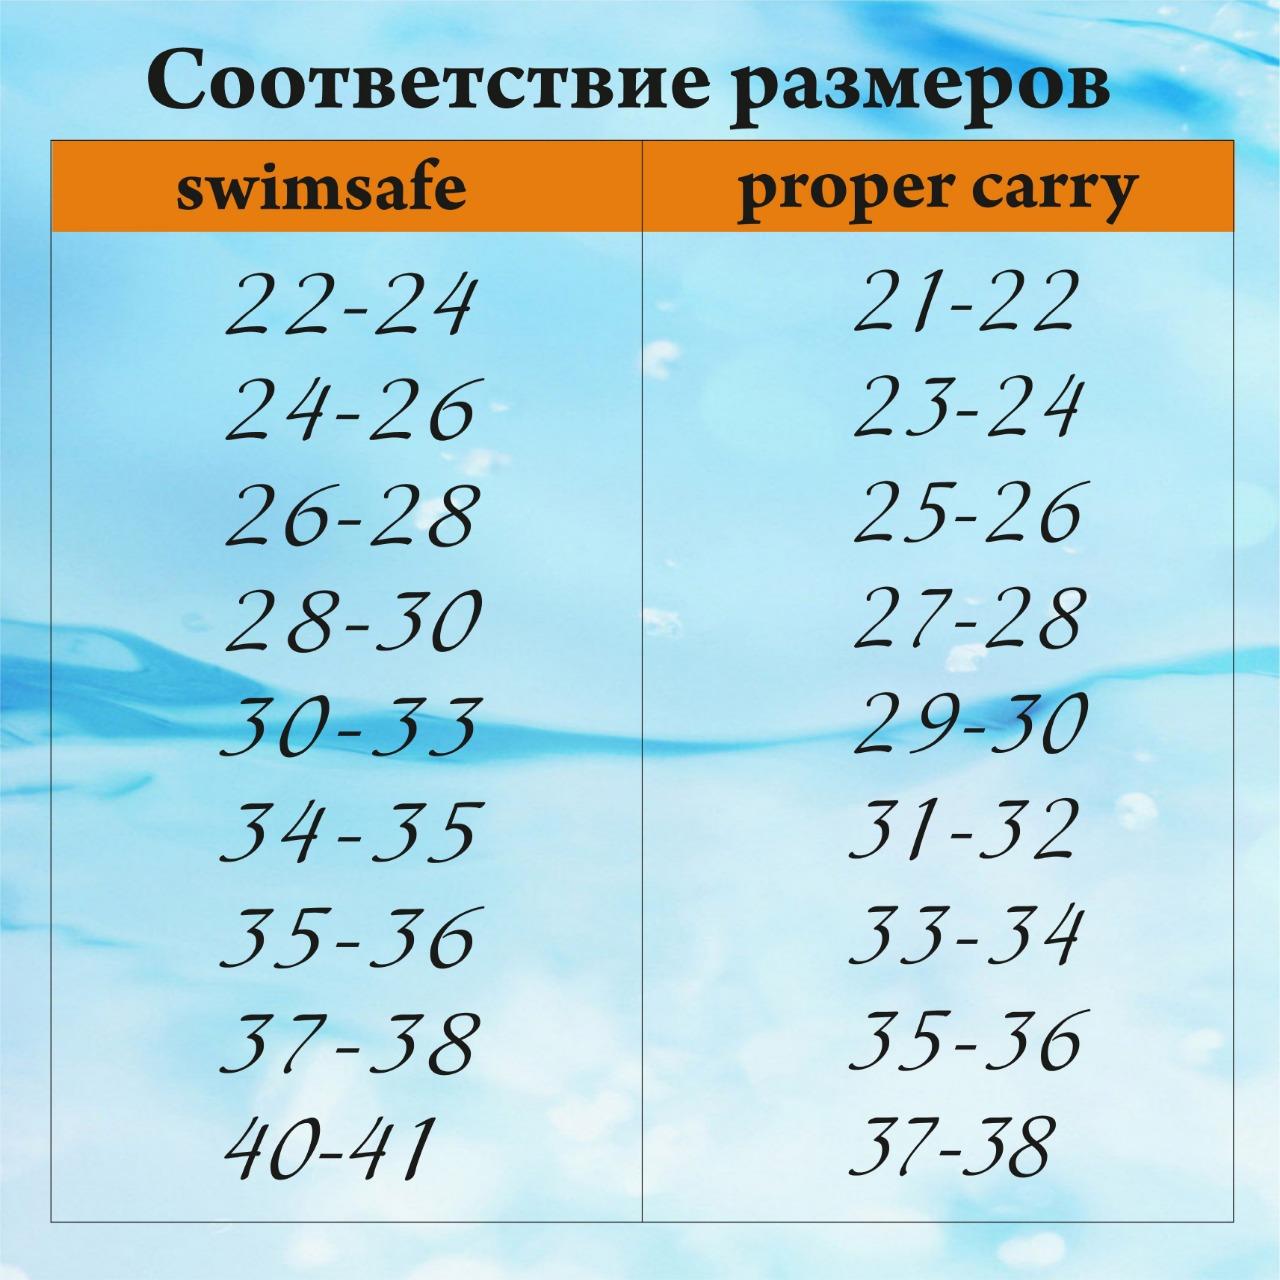 Грудничковые каучуковые ласты для плавания ProperCarry Super Elastic очень маленькие размеры 21-22, 23-24, 25-26, 27-28, 29-30, - фото 12